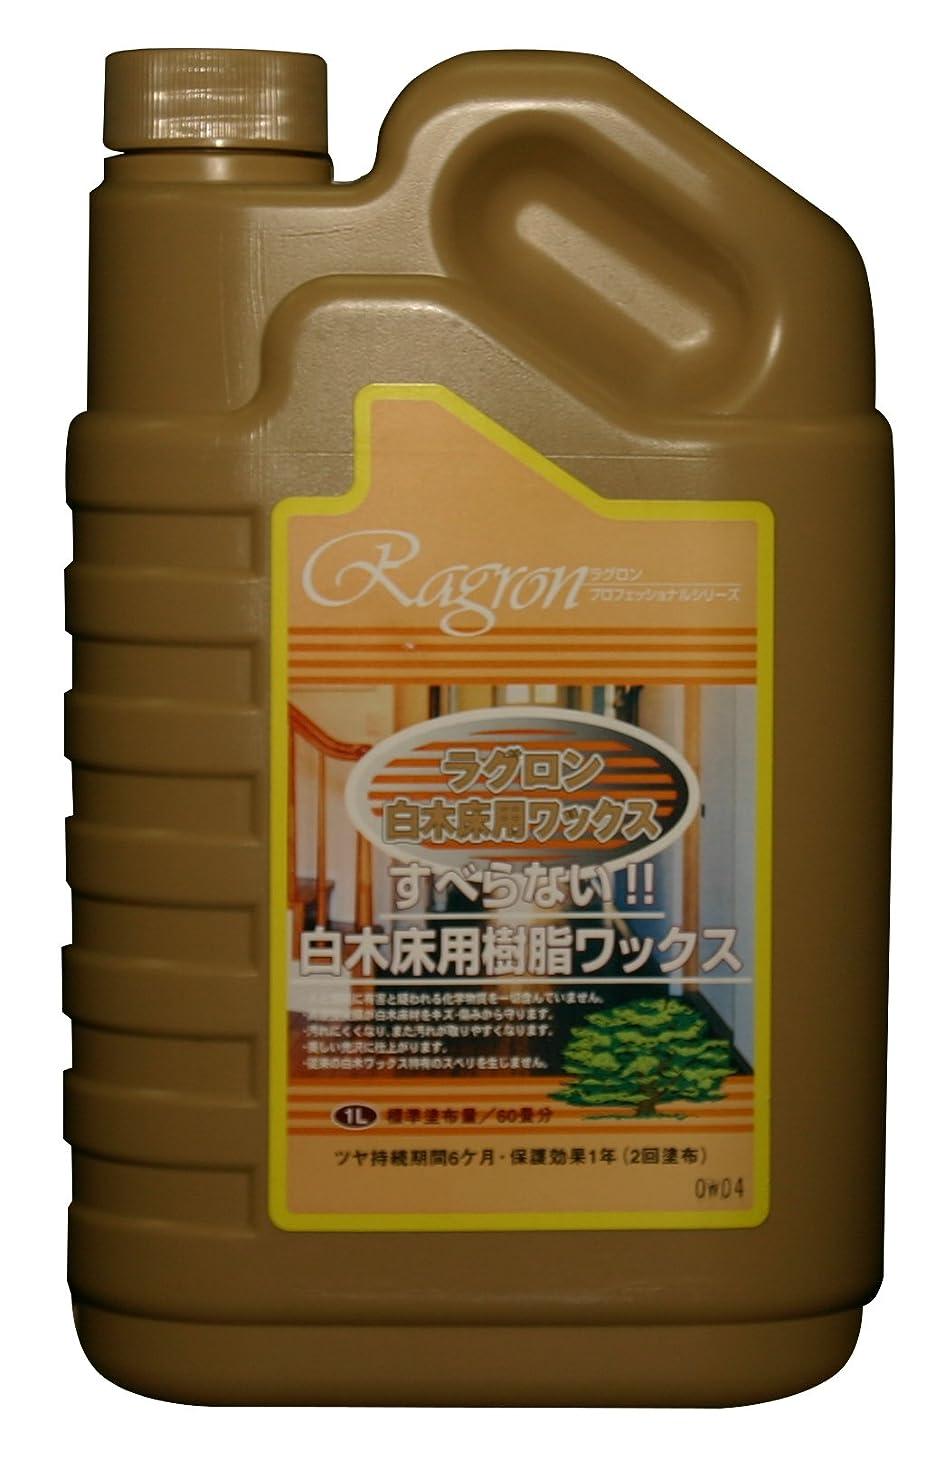 薬お気に入りマントル【大容量】 ラグロン 白木床用 樹脂ワックス 1L